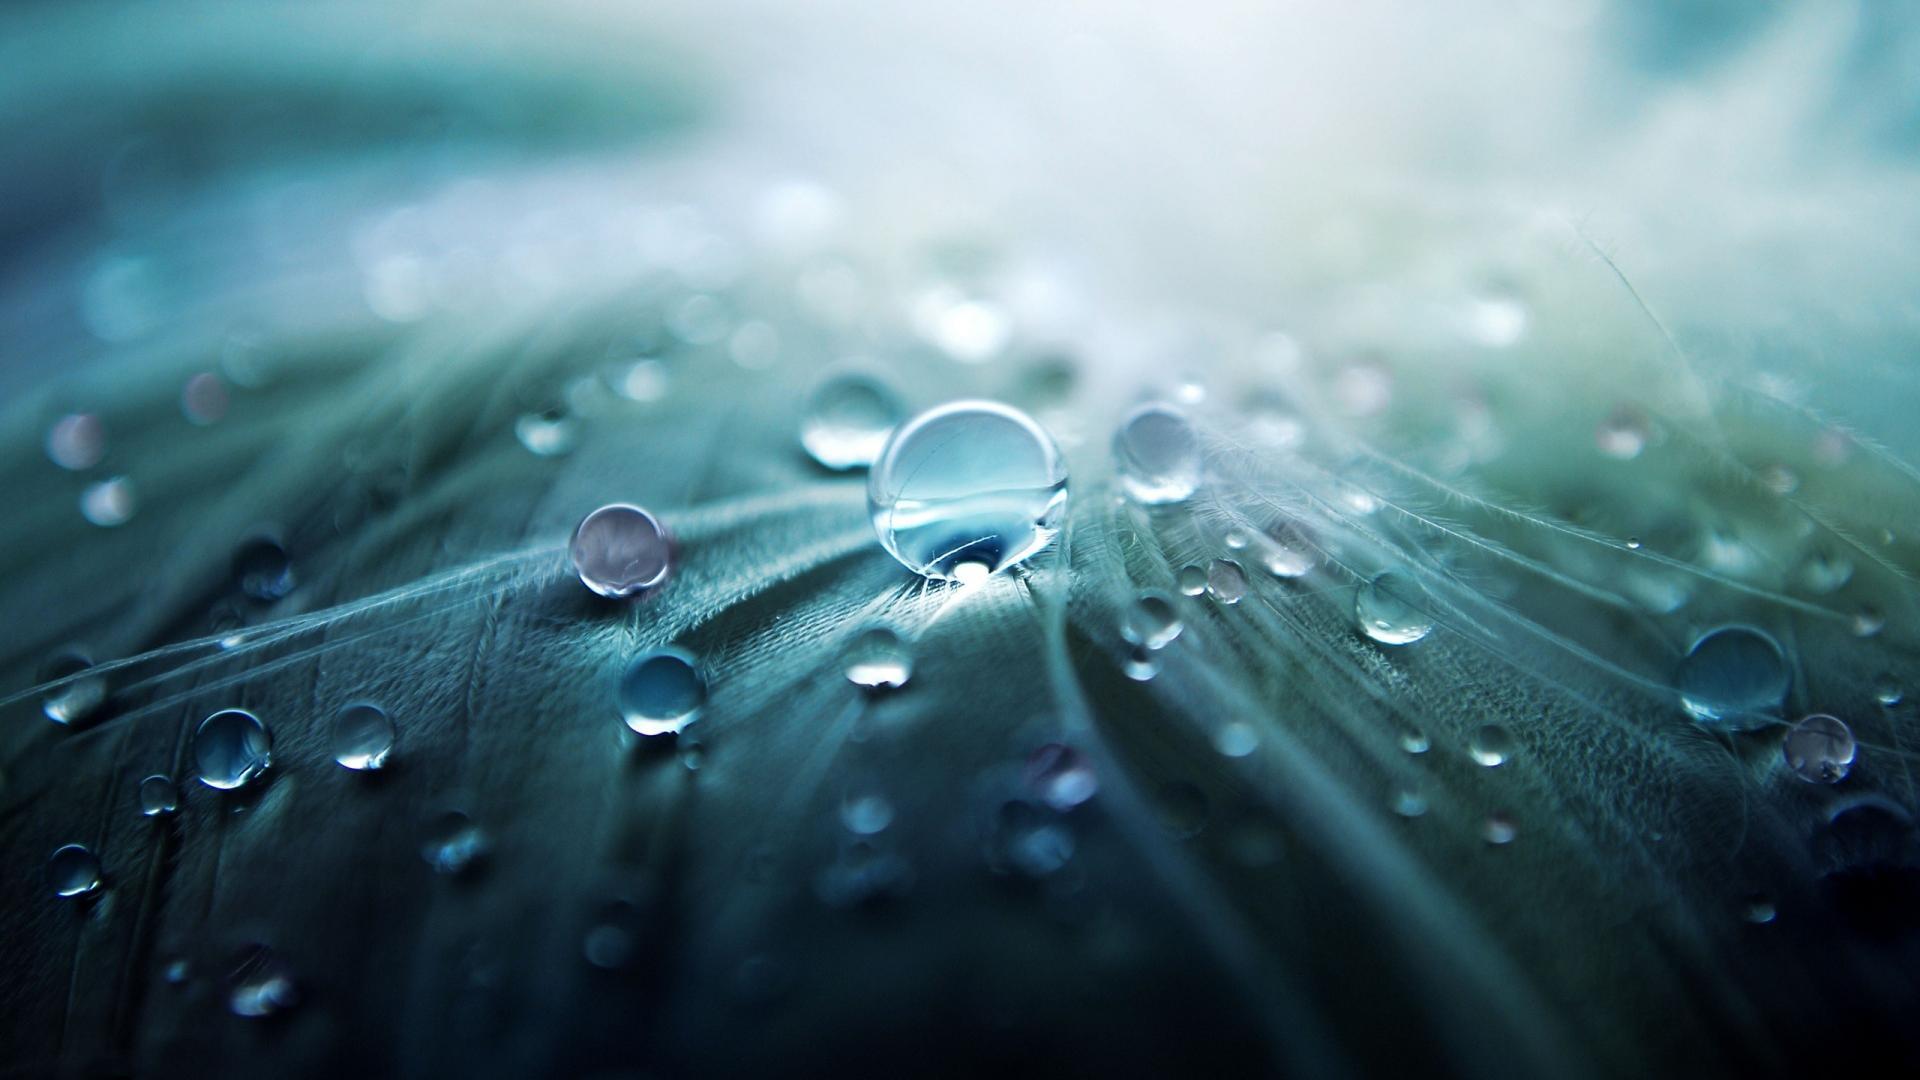 Description: Amazing Water Drop Wallpaper is a hi res Wallpaper for pc ...